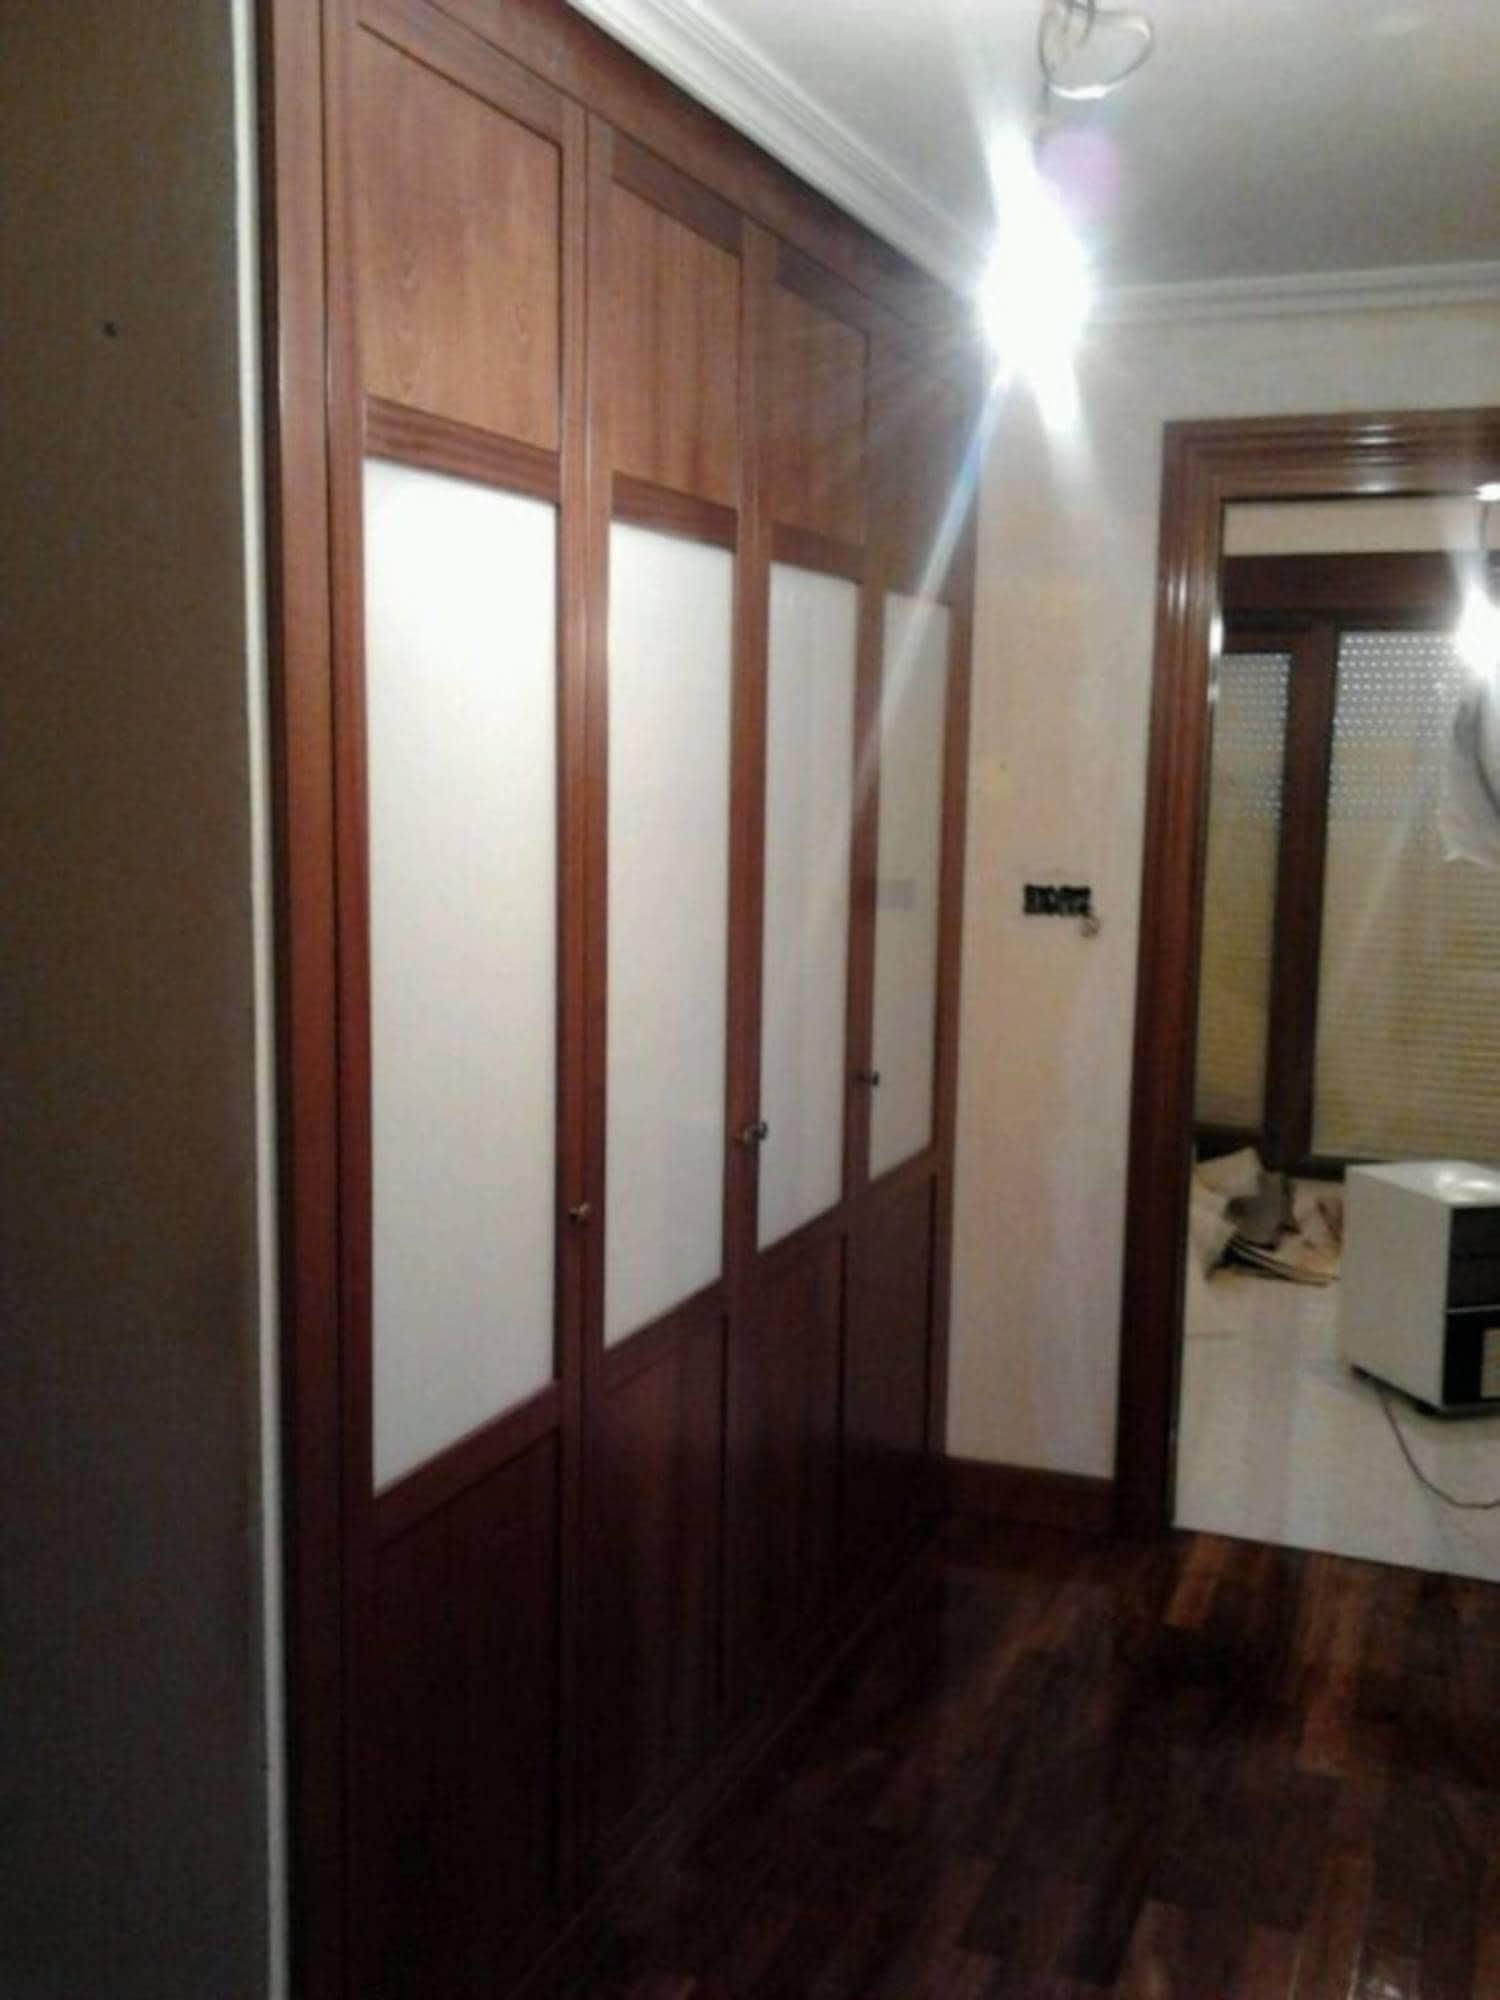 Encantador Madera Enmarcado Espejo Puertas Del Armario Elaboración ...